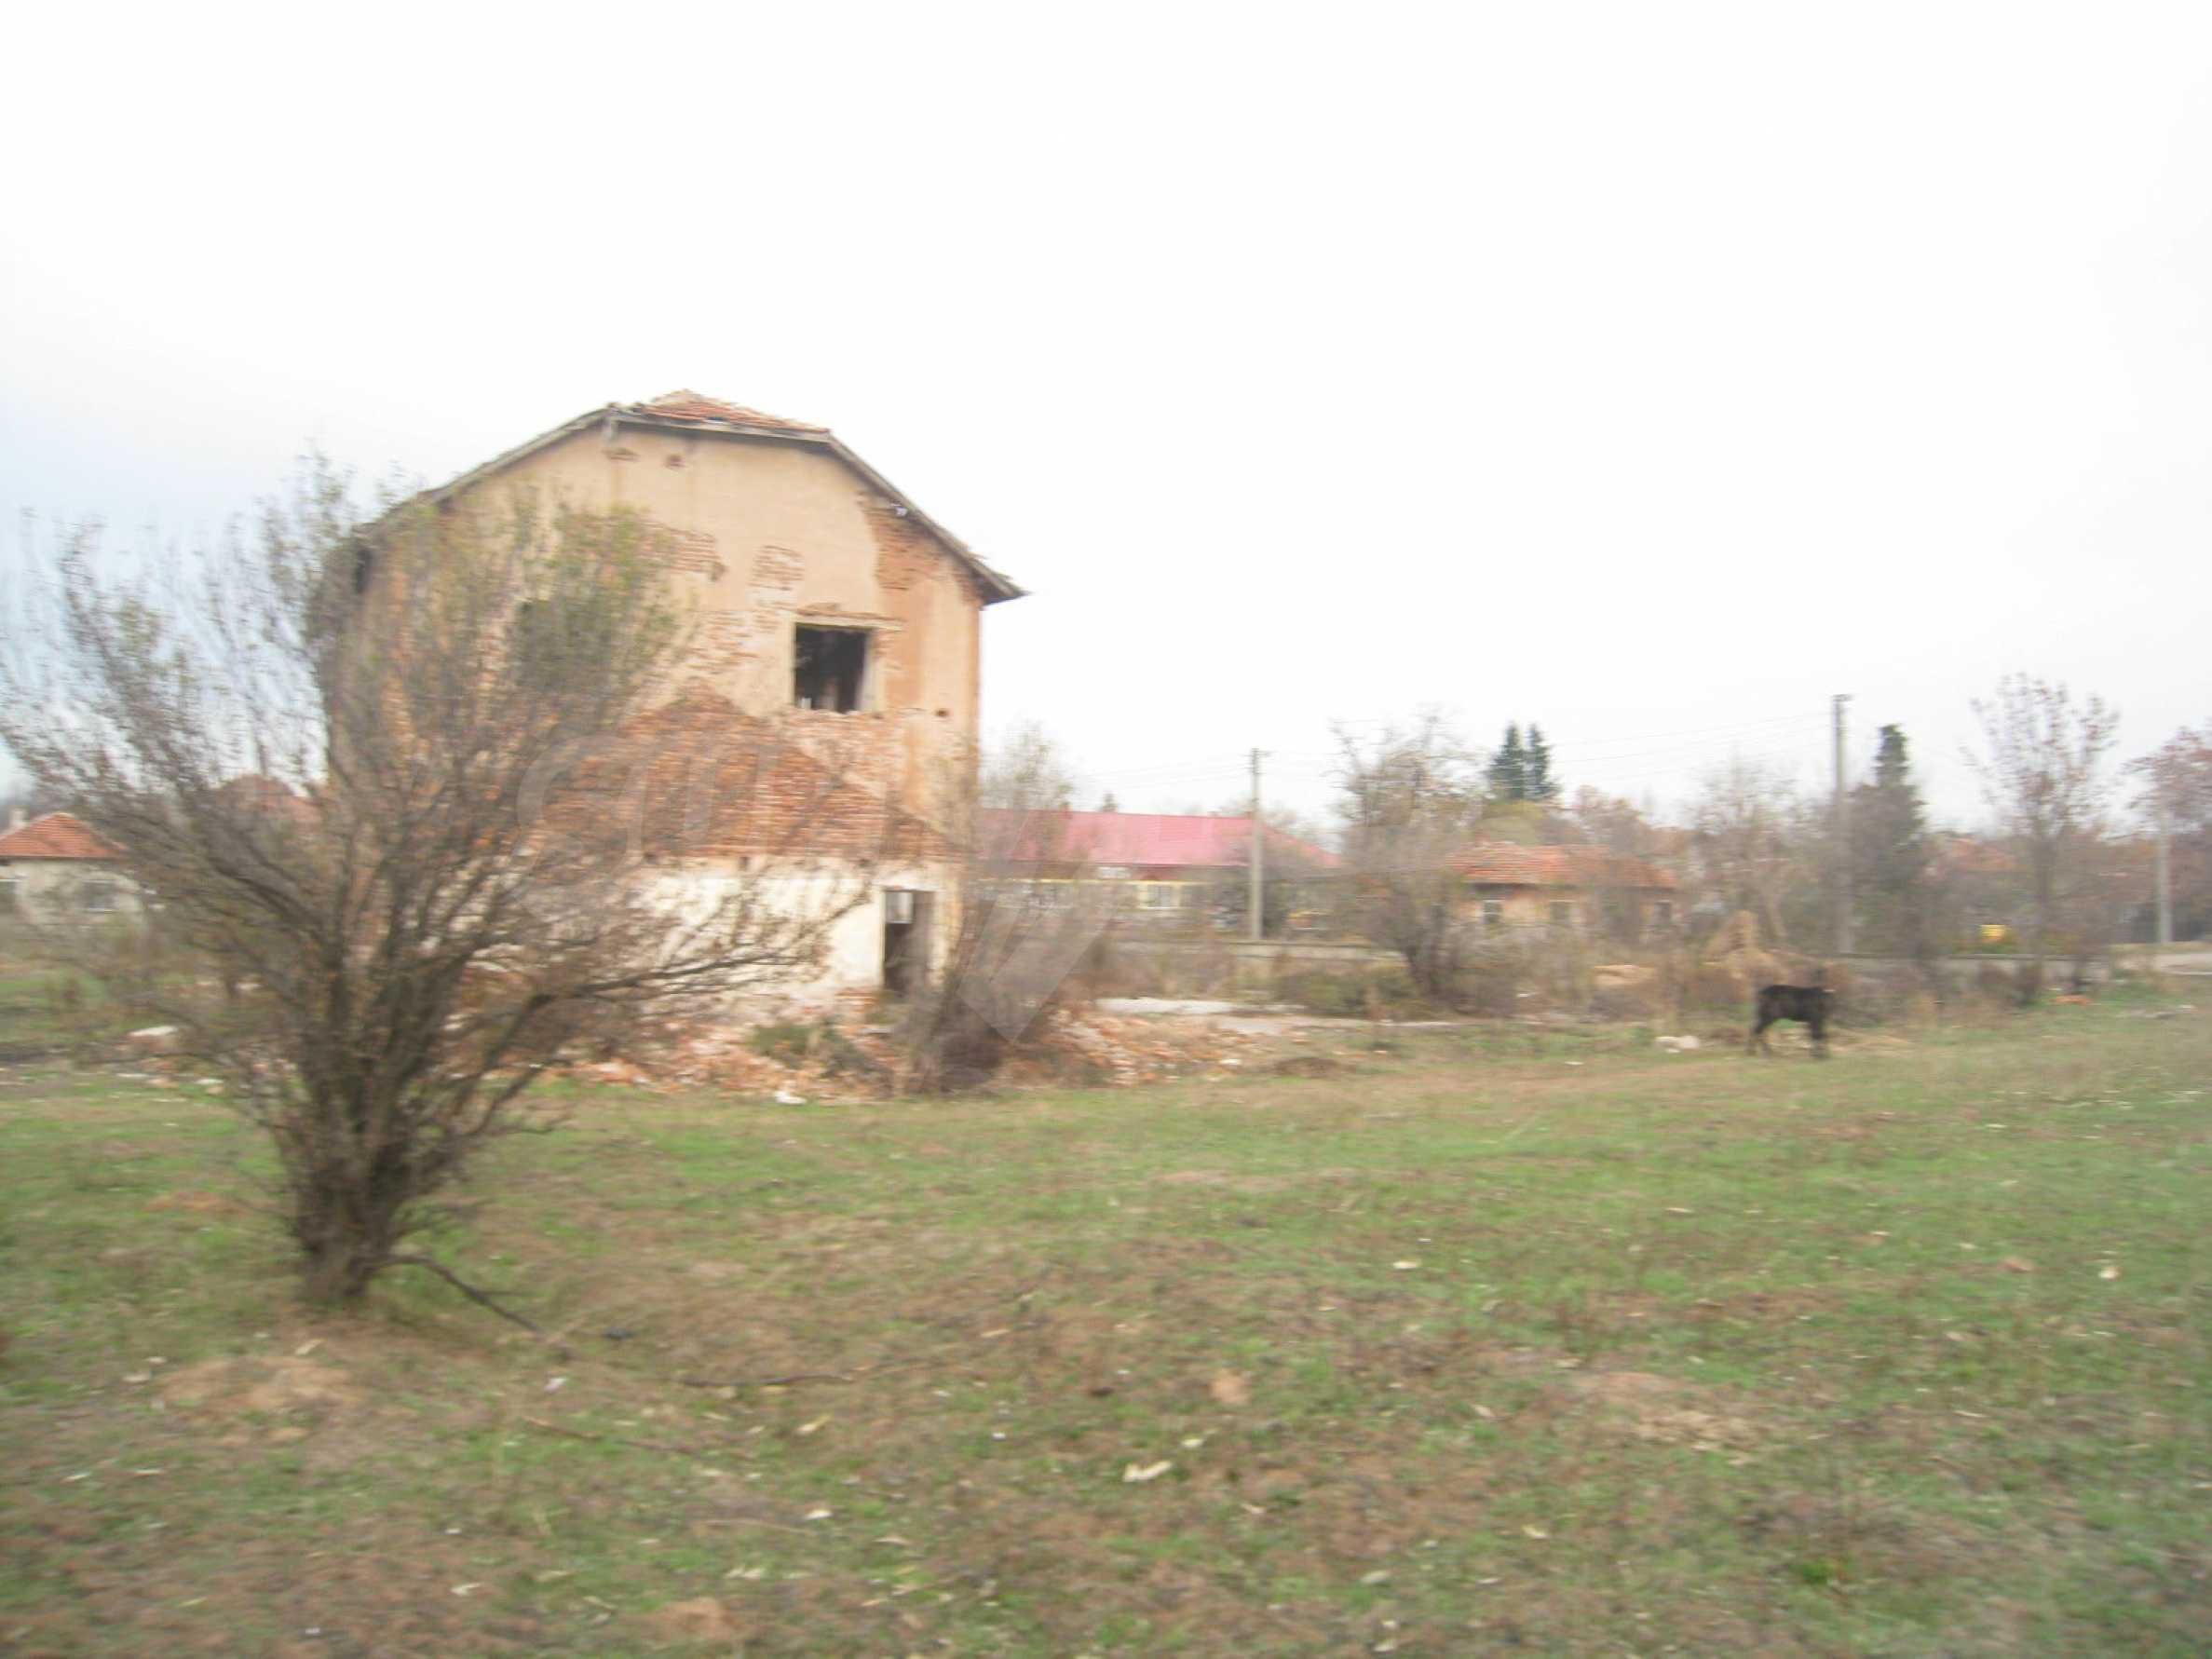 Solides dreistöckiges Gebäude (ehemalige Mühle) mit Hof in der Nähe von Elin Pelin 24